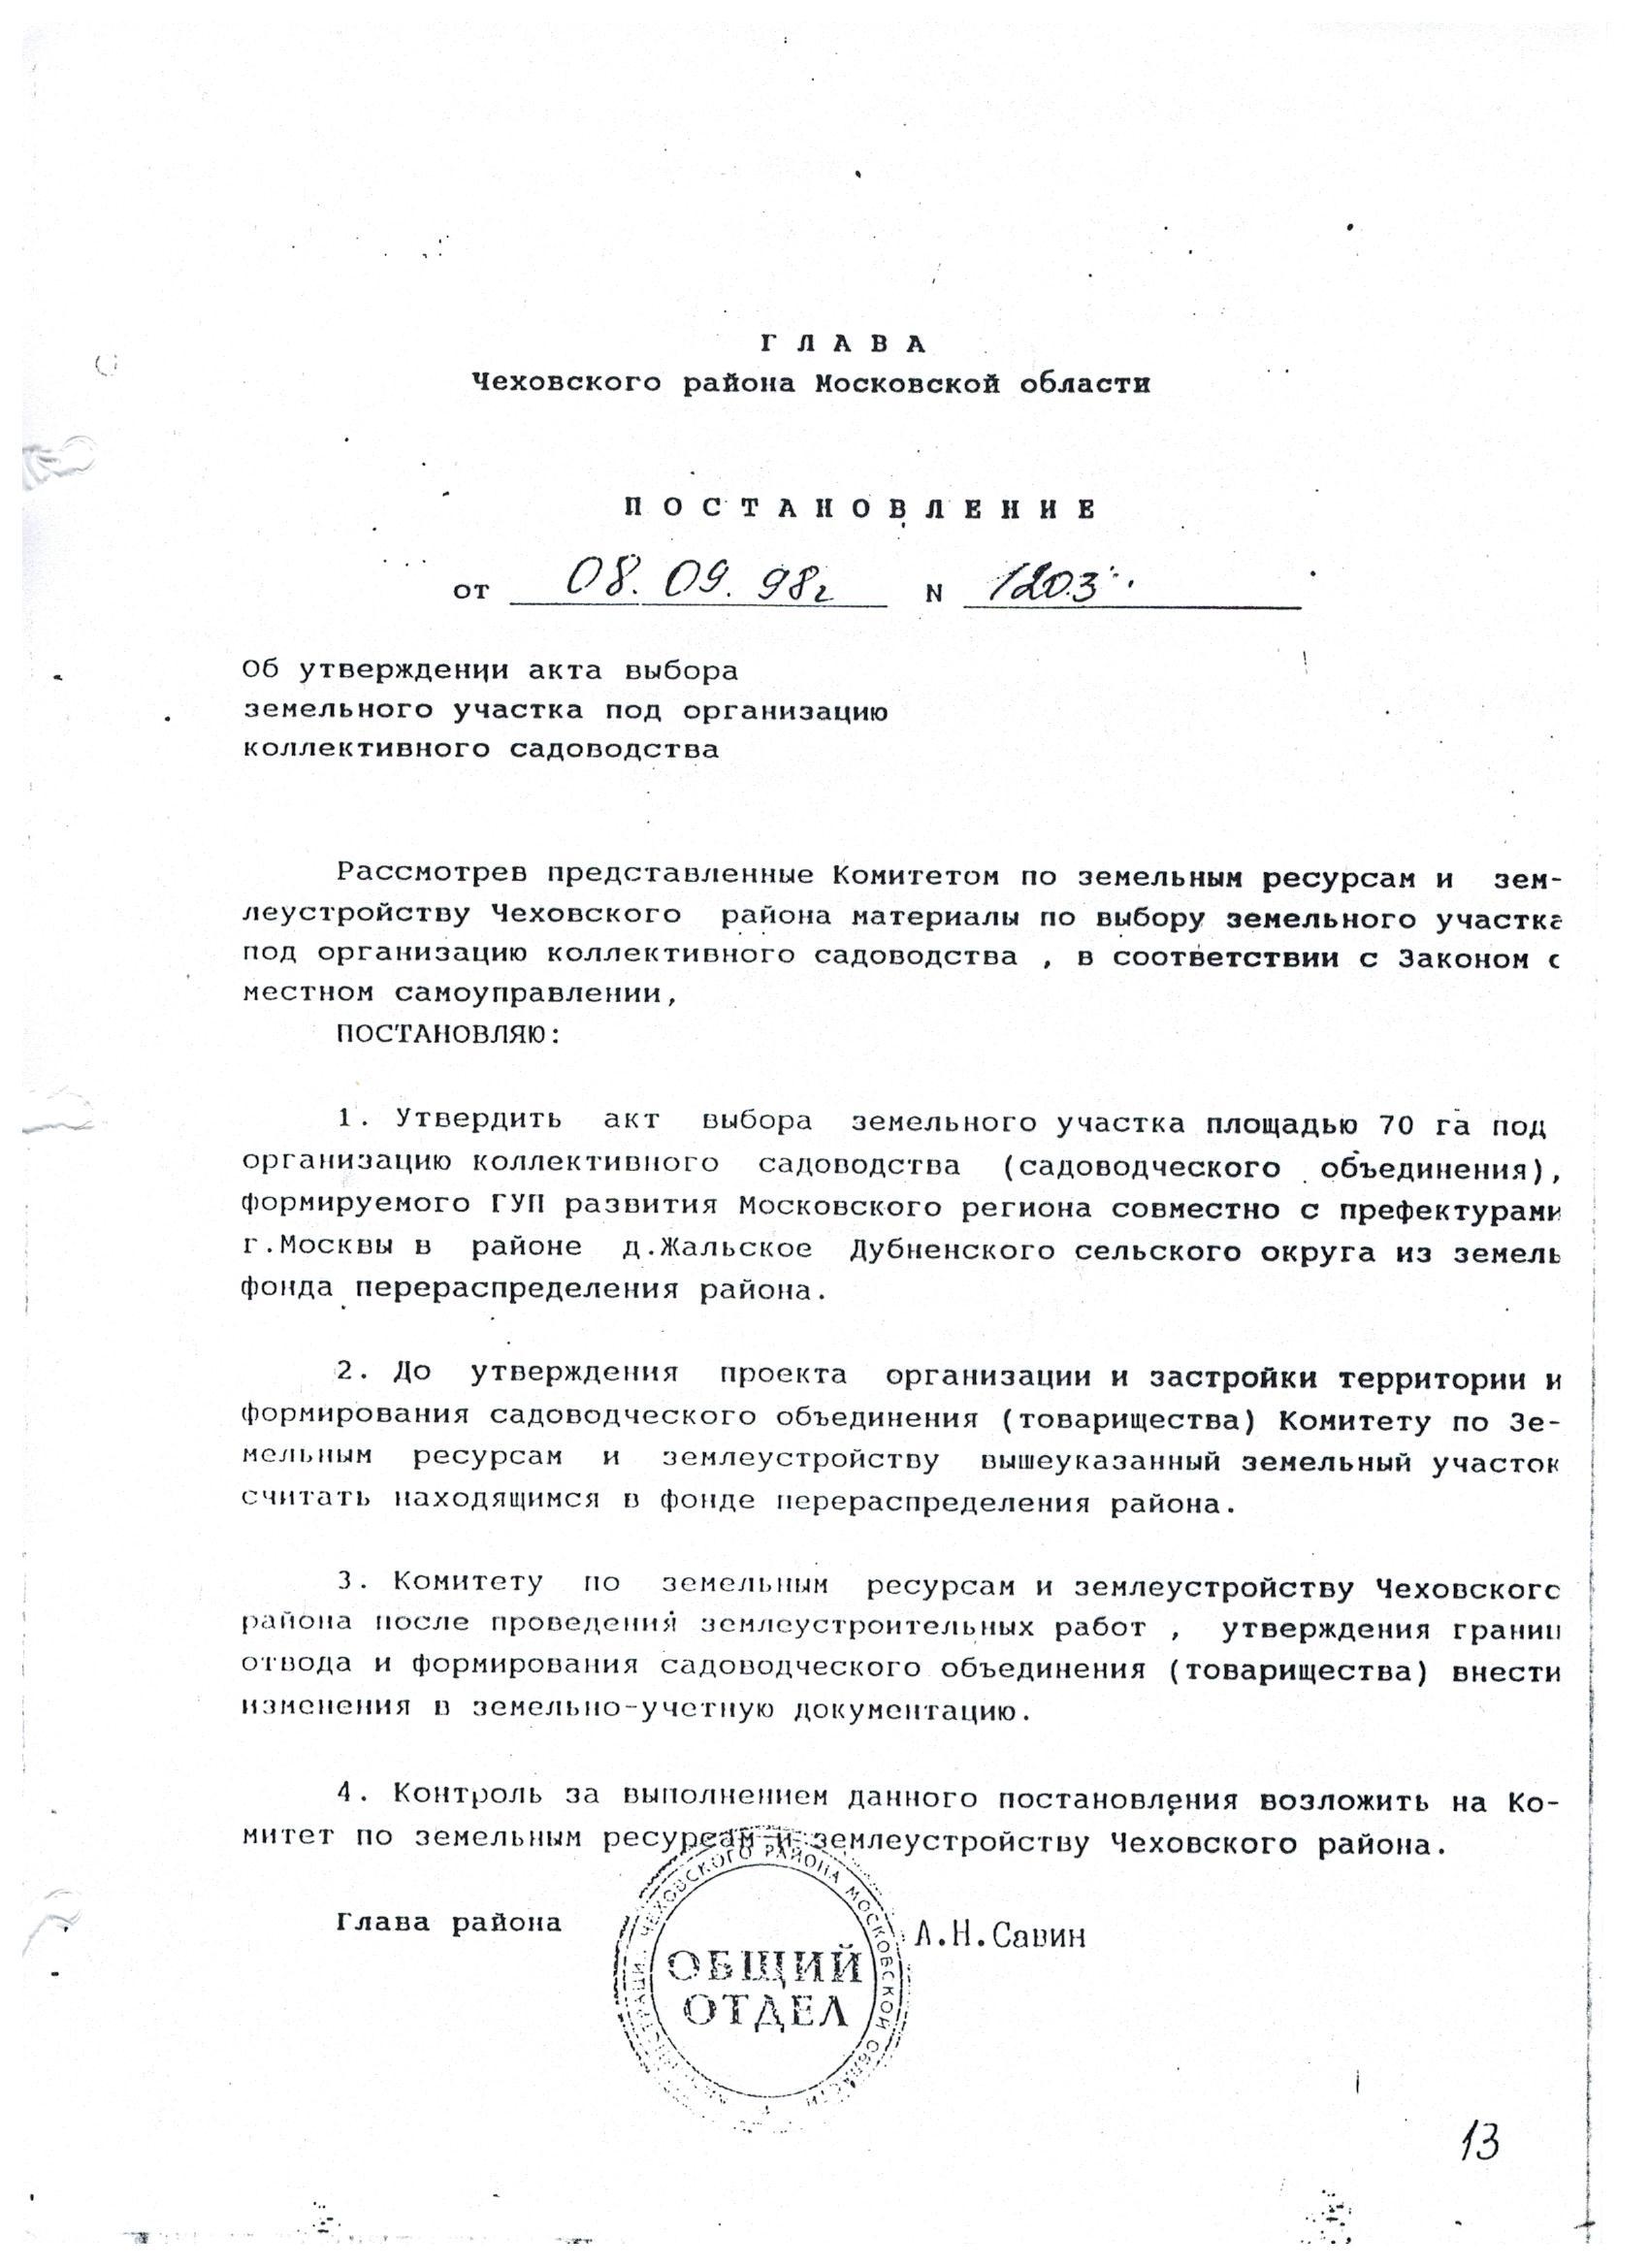 выписка из протокола собрания садоводческого товарищества образец